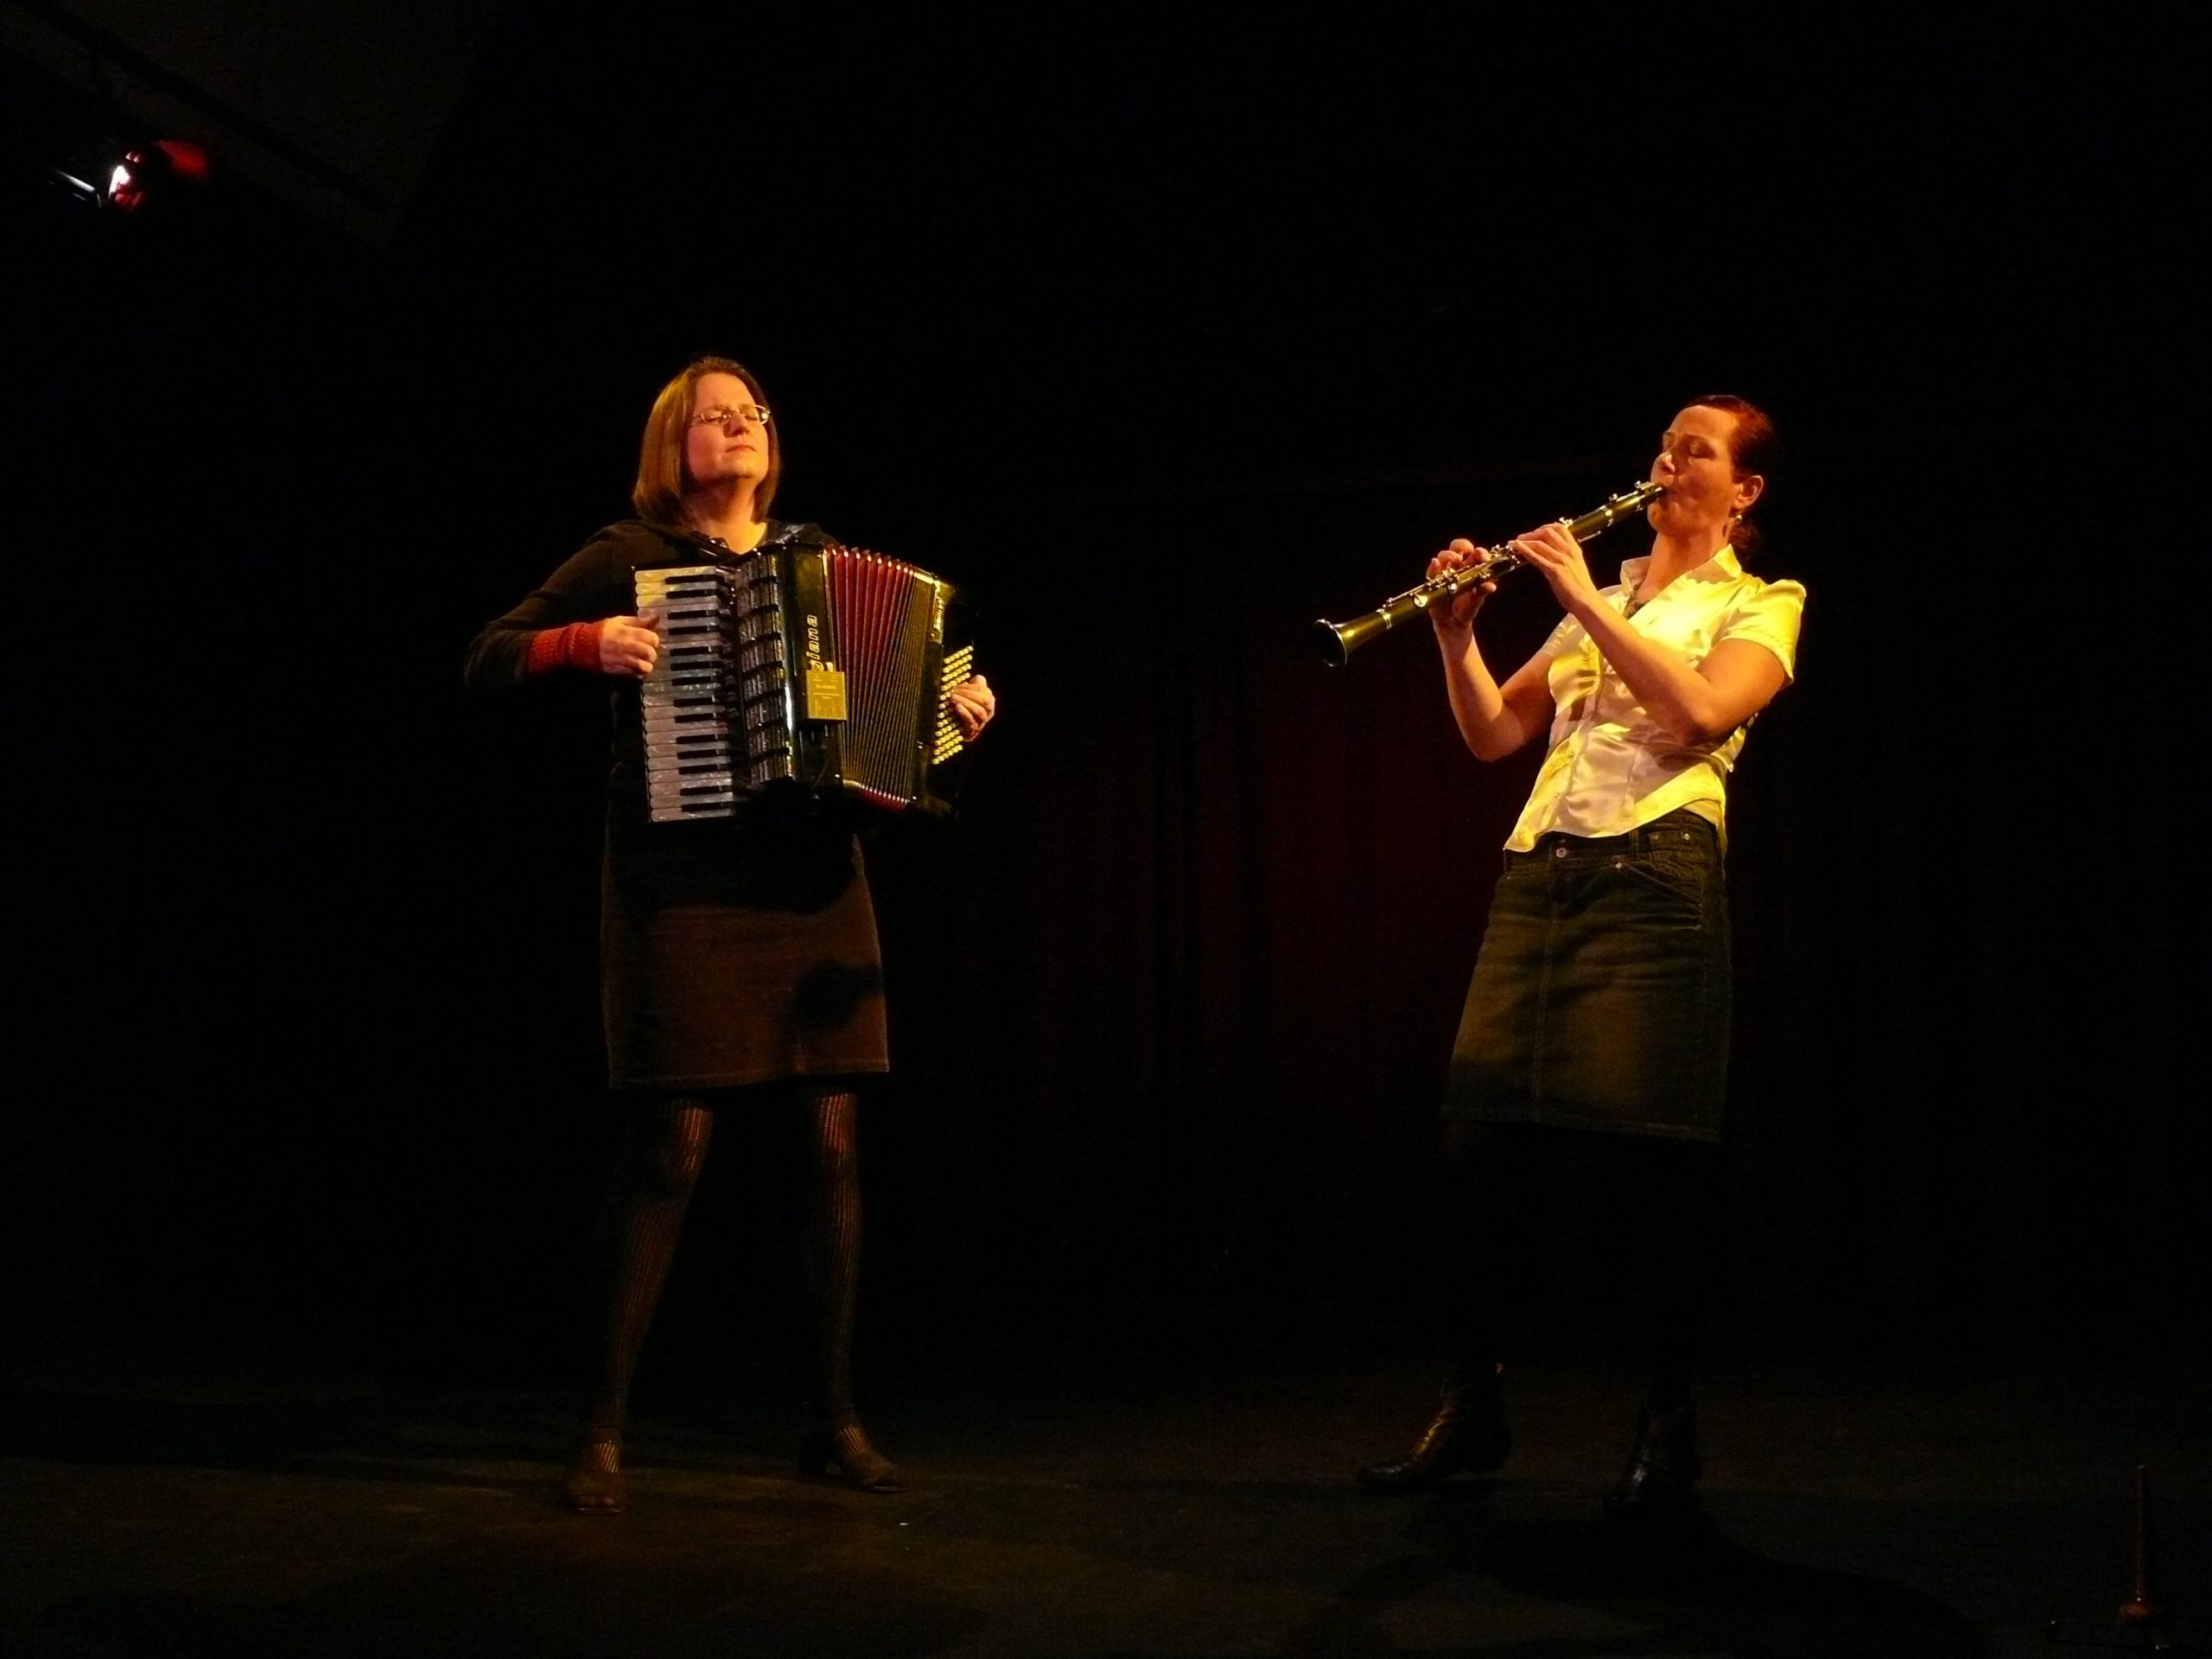 Duo TASKIM - Eine musikalische Entdeckungsreise